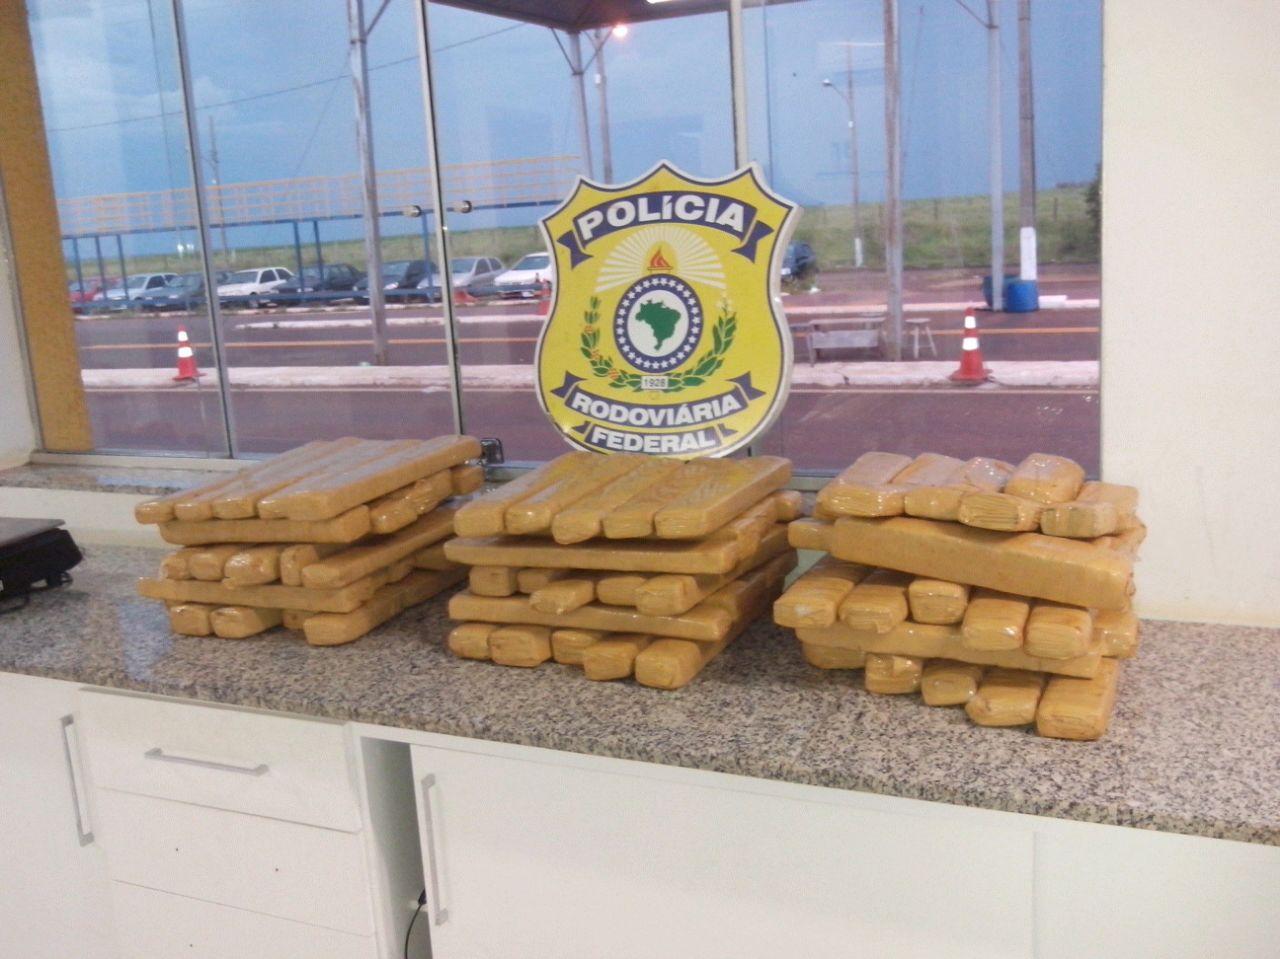 """preso no caminho: """"Mula"""" trazia 16 quilos de maconha para Macapá"""